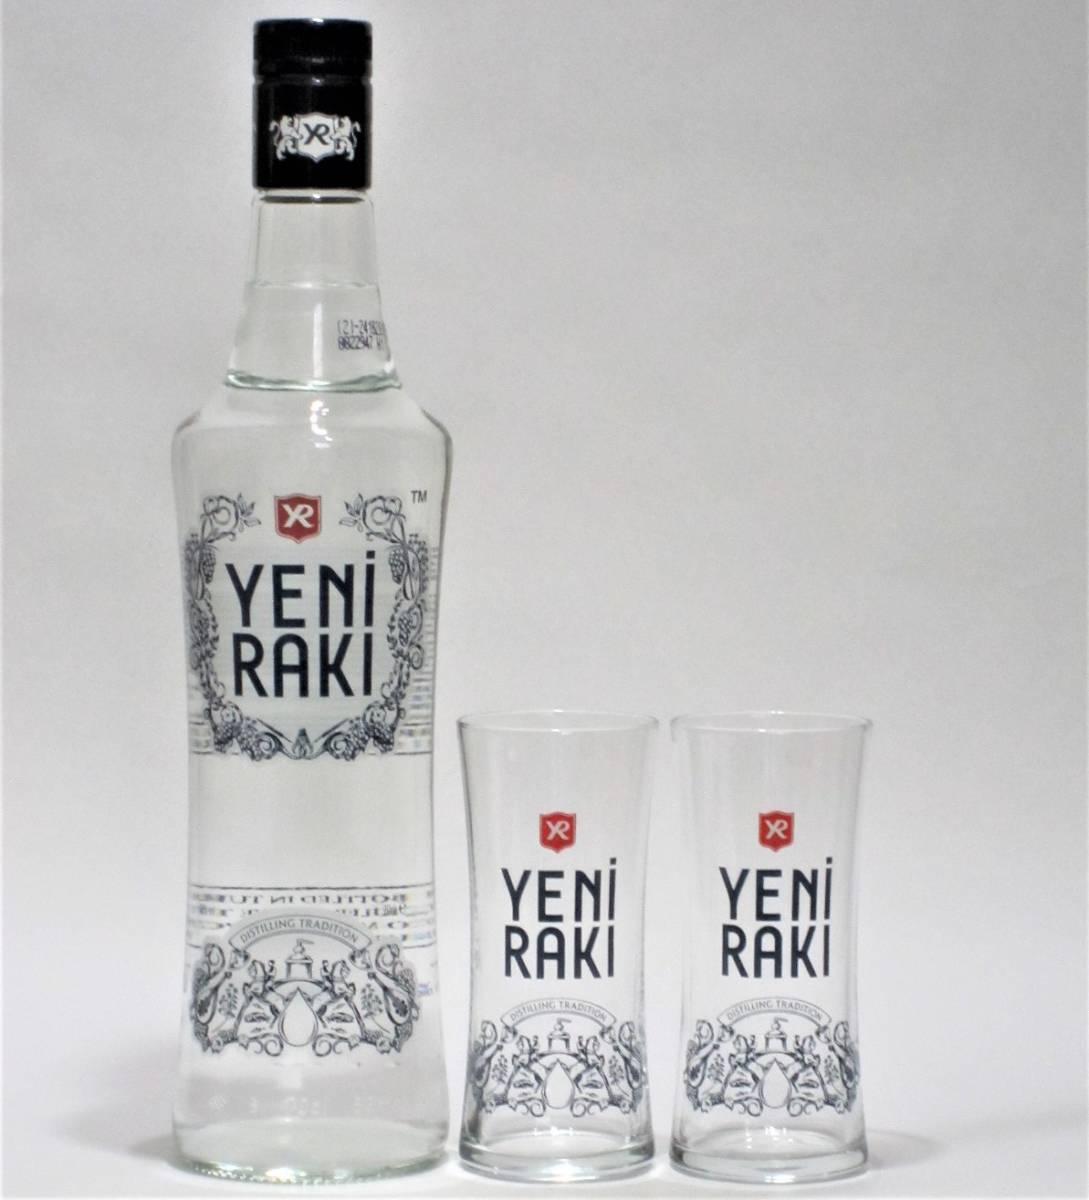 イエニ ラク テケル 特製グラス 2個付き 箱付き 45度 700ml